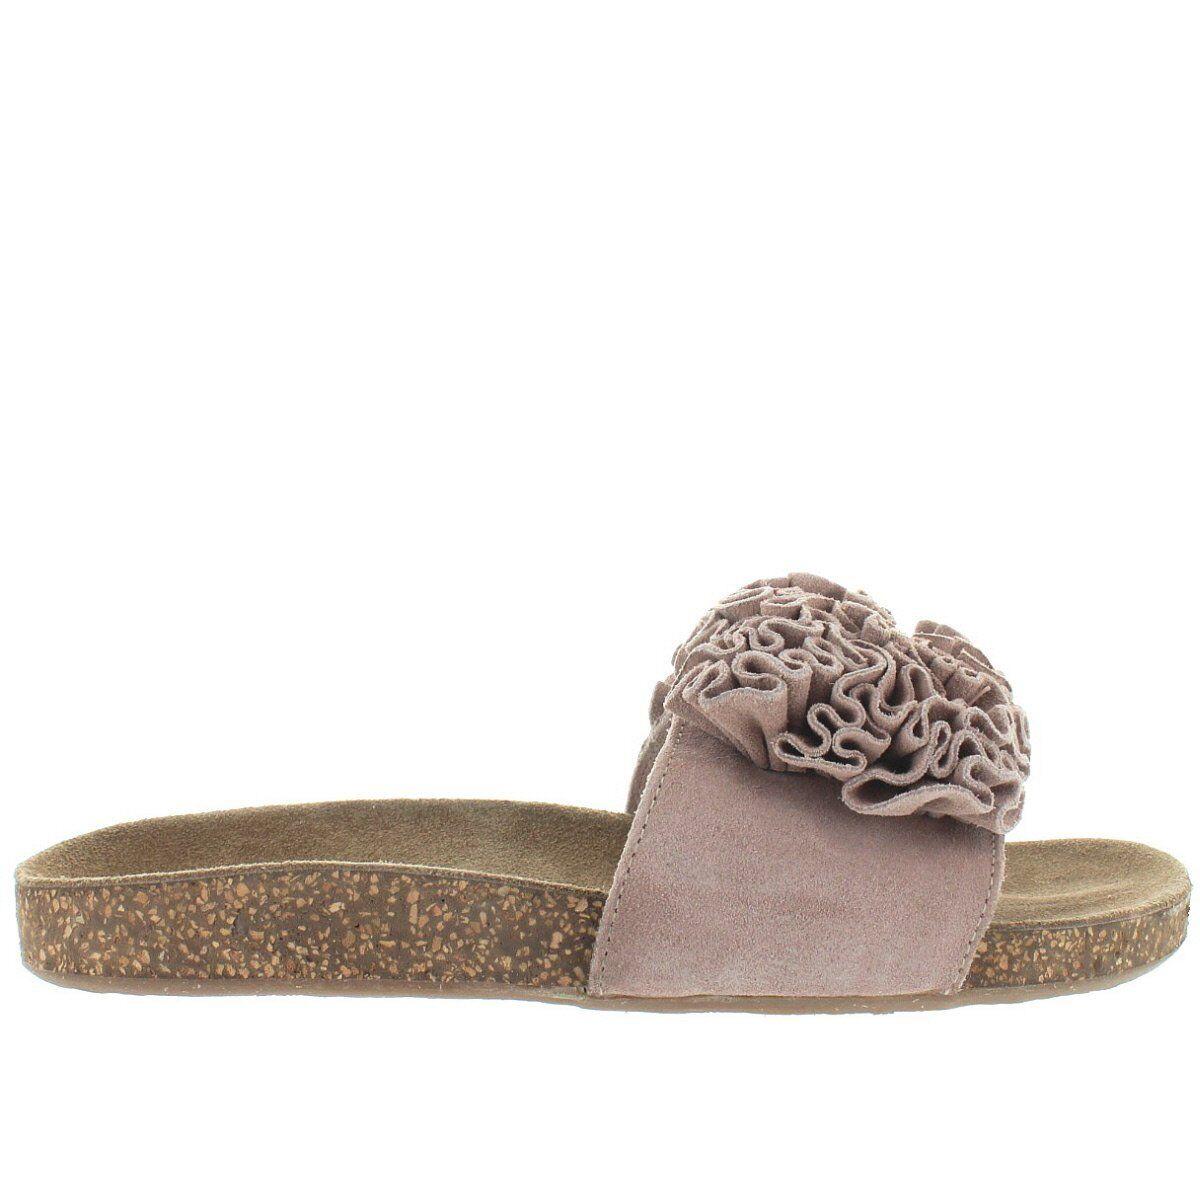 Musse & Cloud Sisley - Sand Suede Ruffled Flower Footbed Slide Sandal